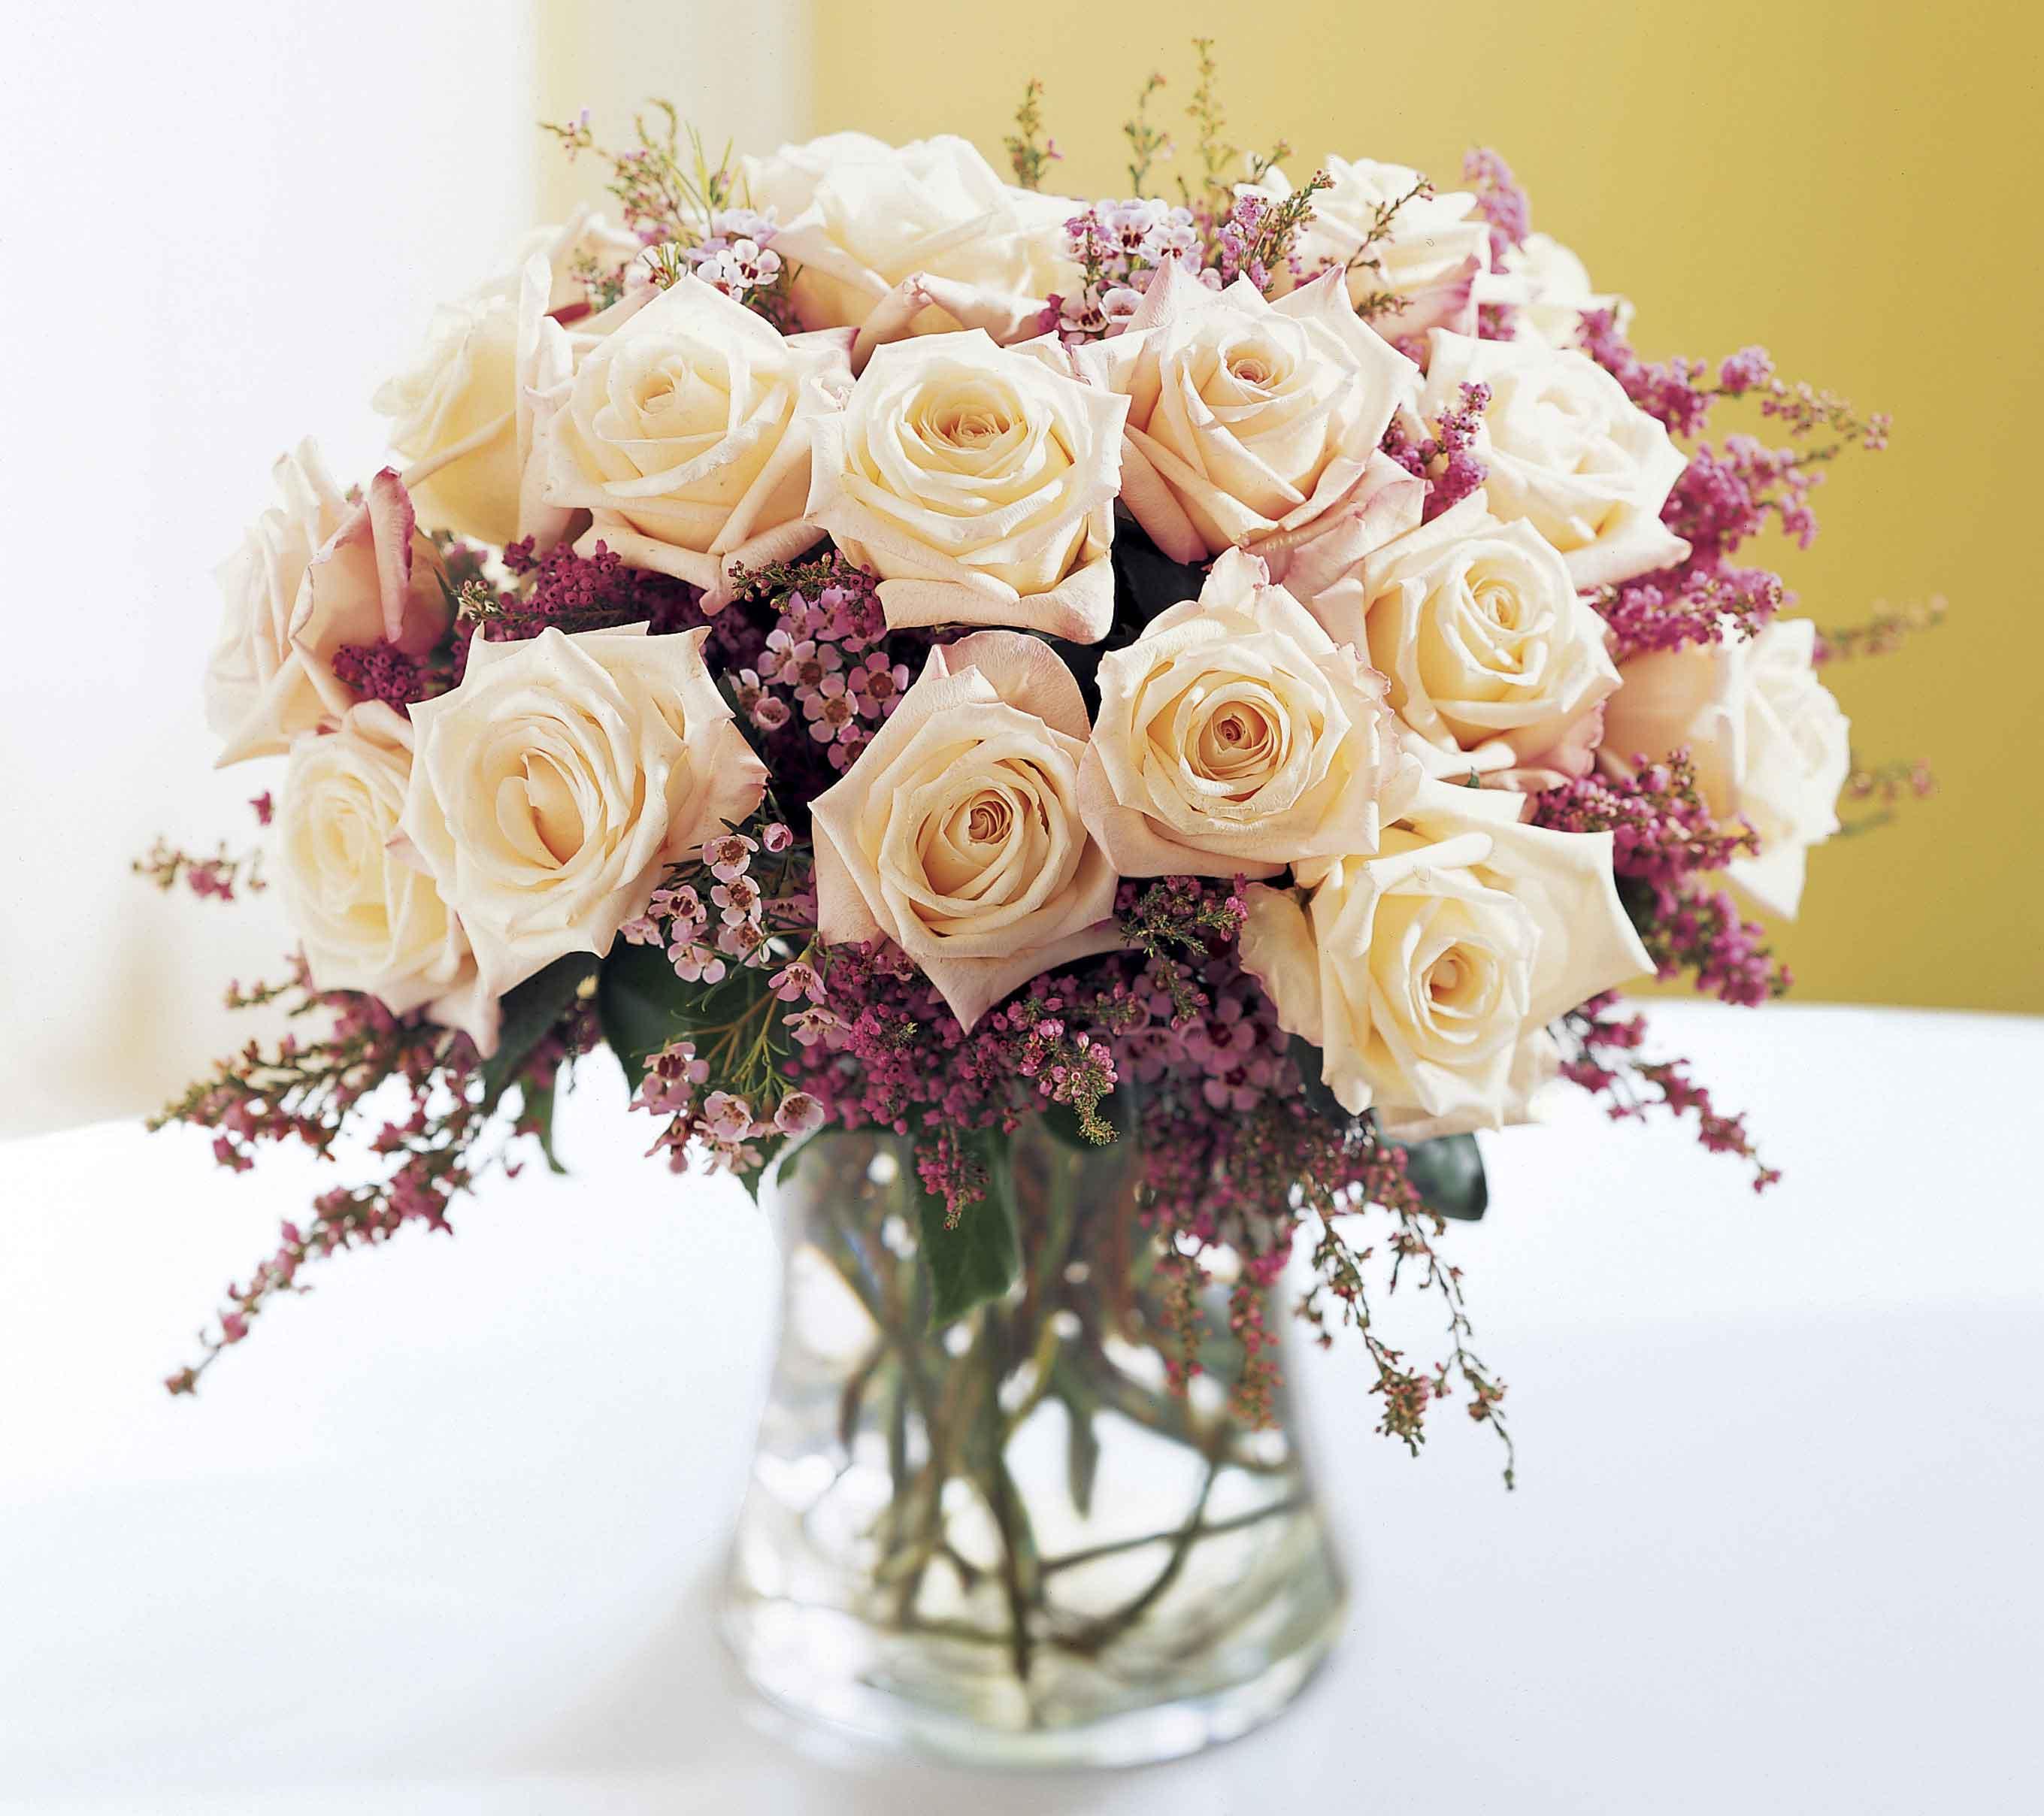 Розы букет  № 3014984 загрузить